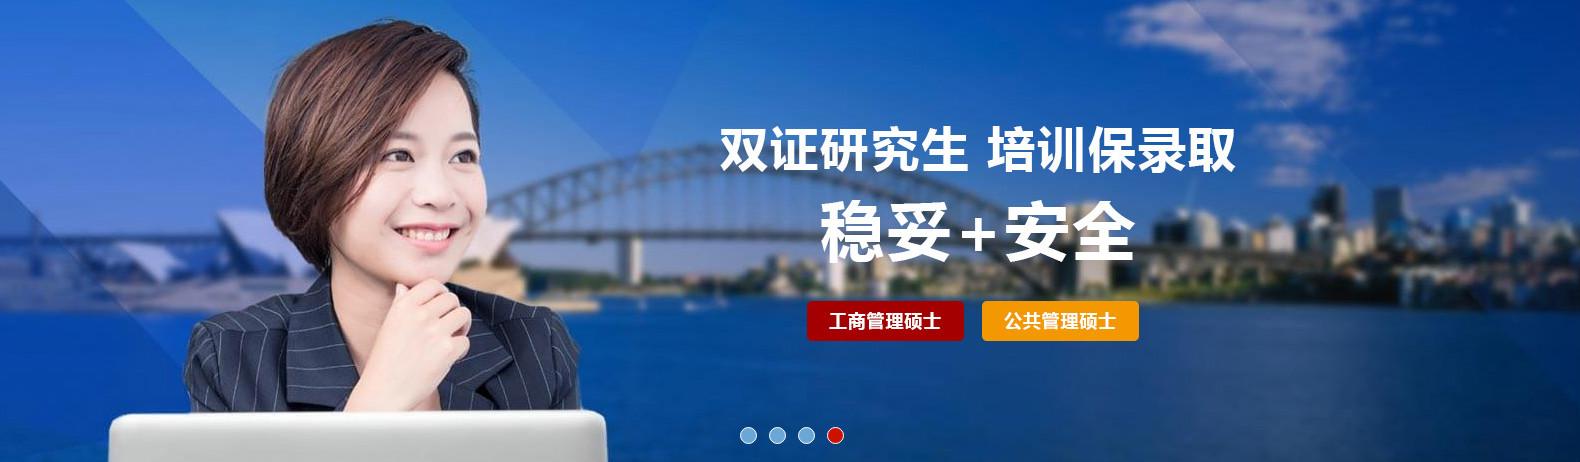 华宇培训学校_可靠的在职教育培训机构-杭州在职硕士招生